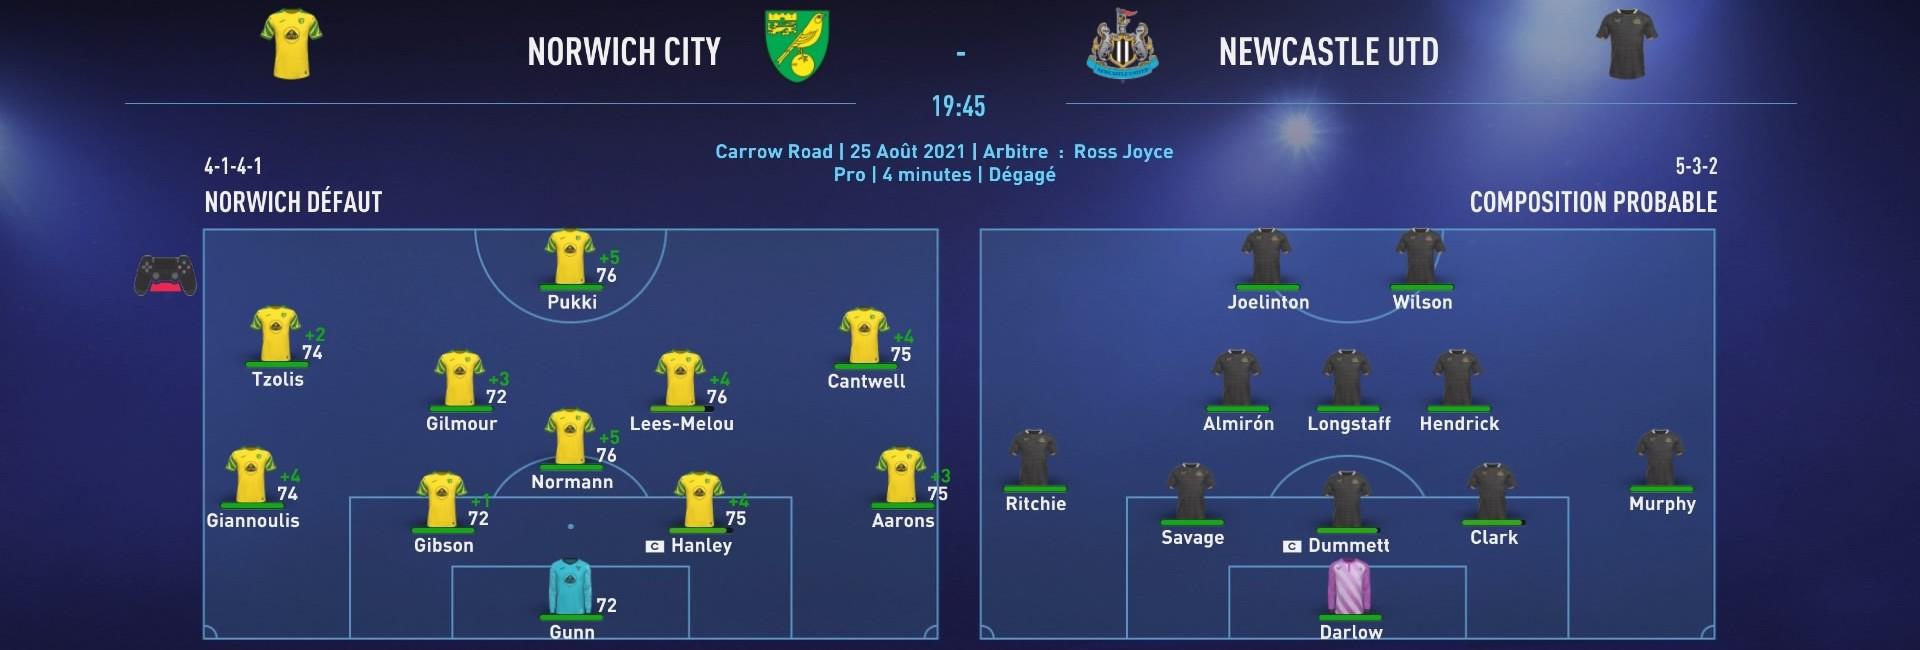 [FIFA 22] Story | Les Canaries à l'aube d'une nouvelle ère Fifa_249